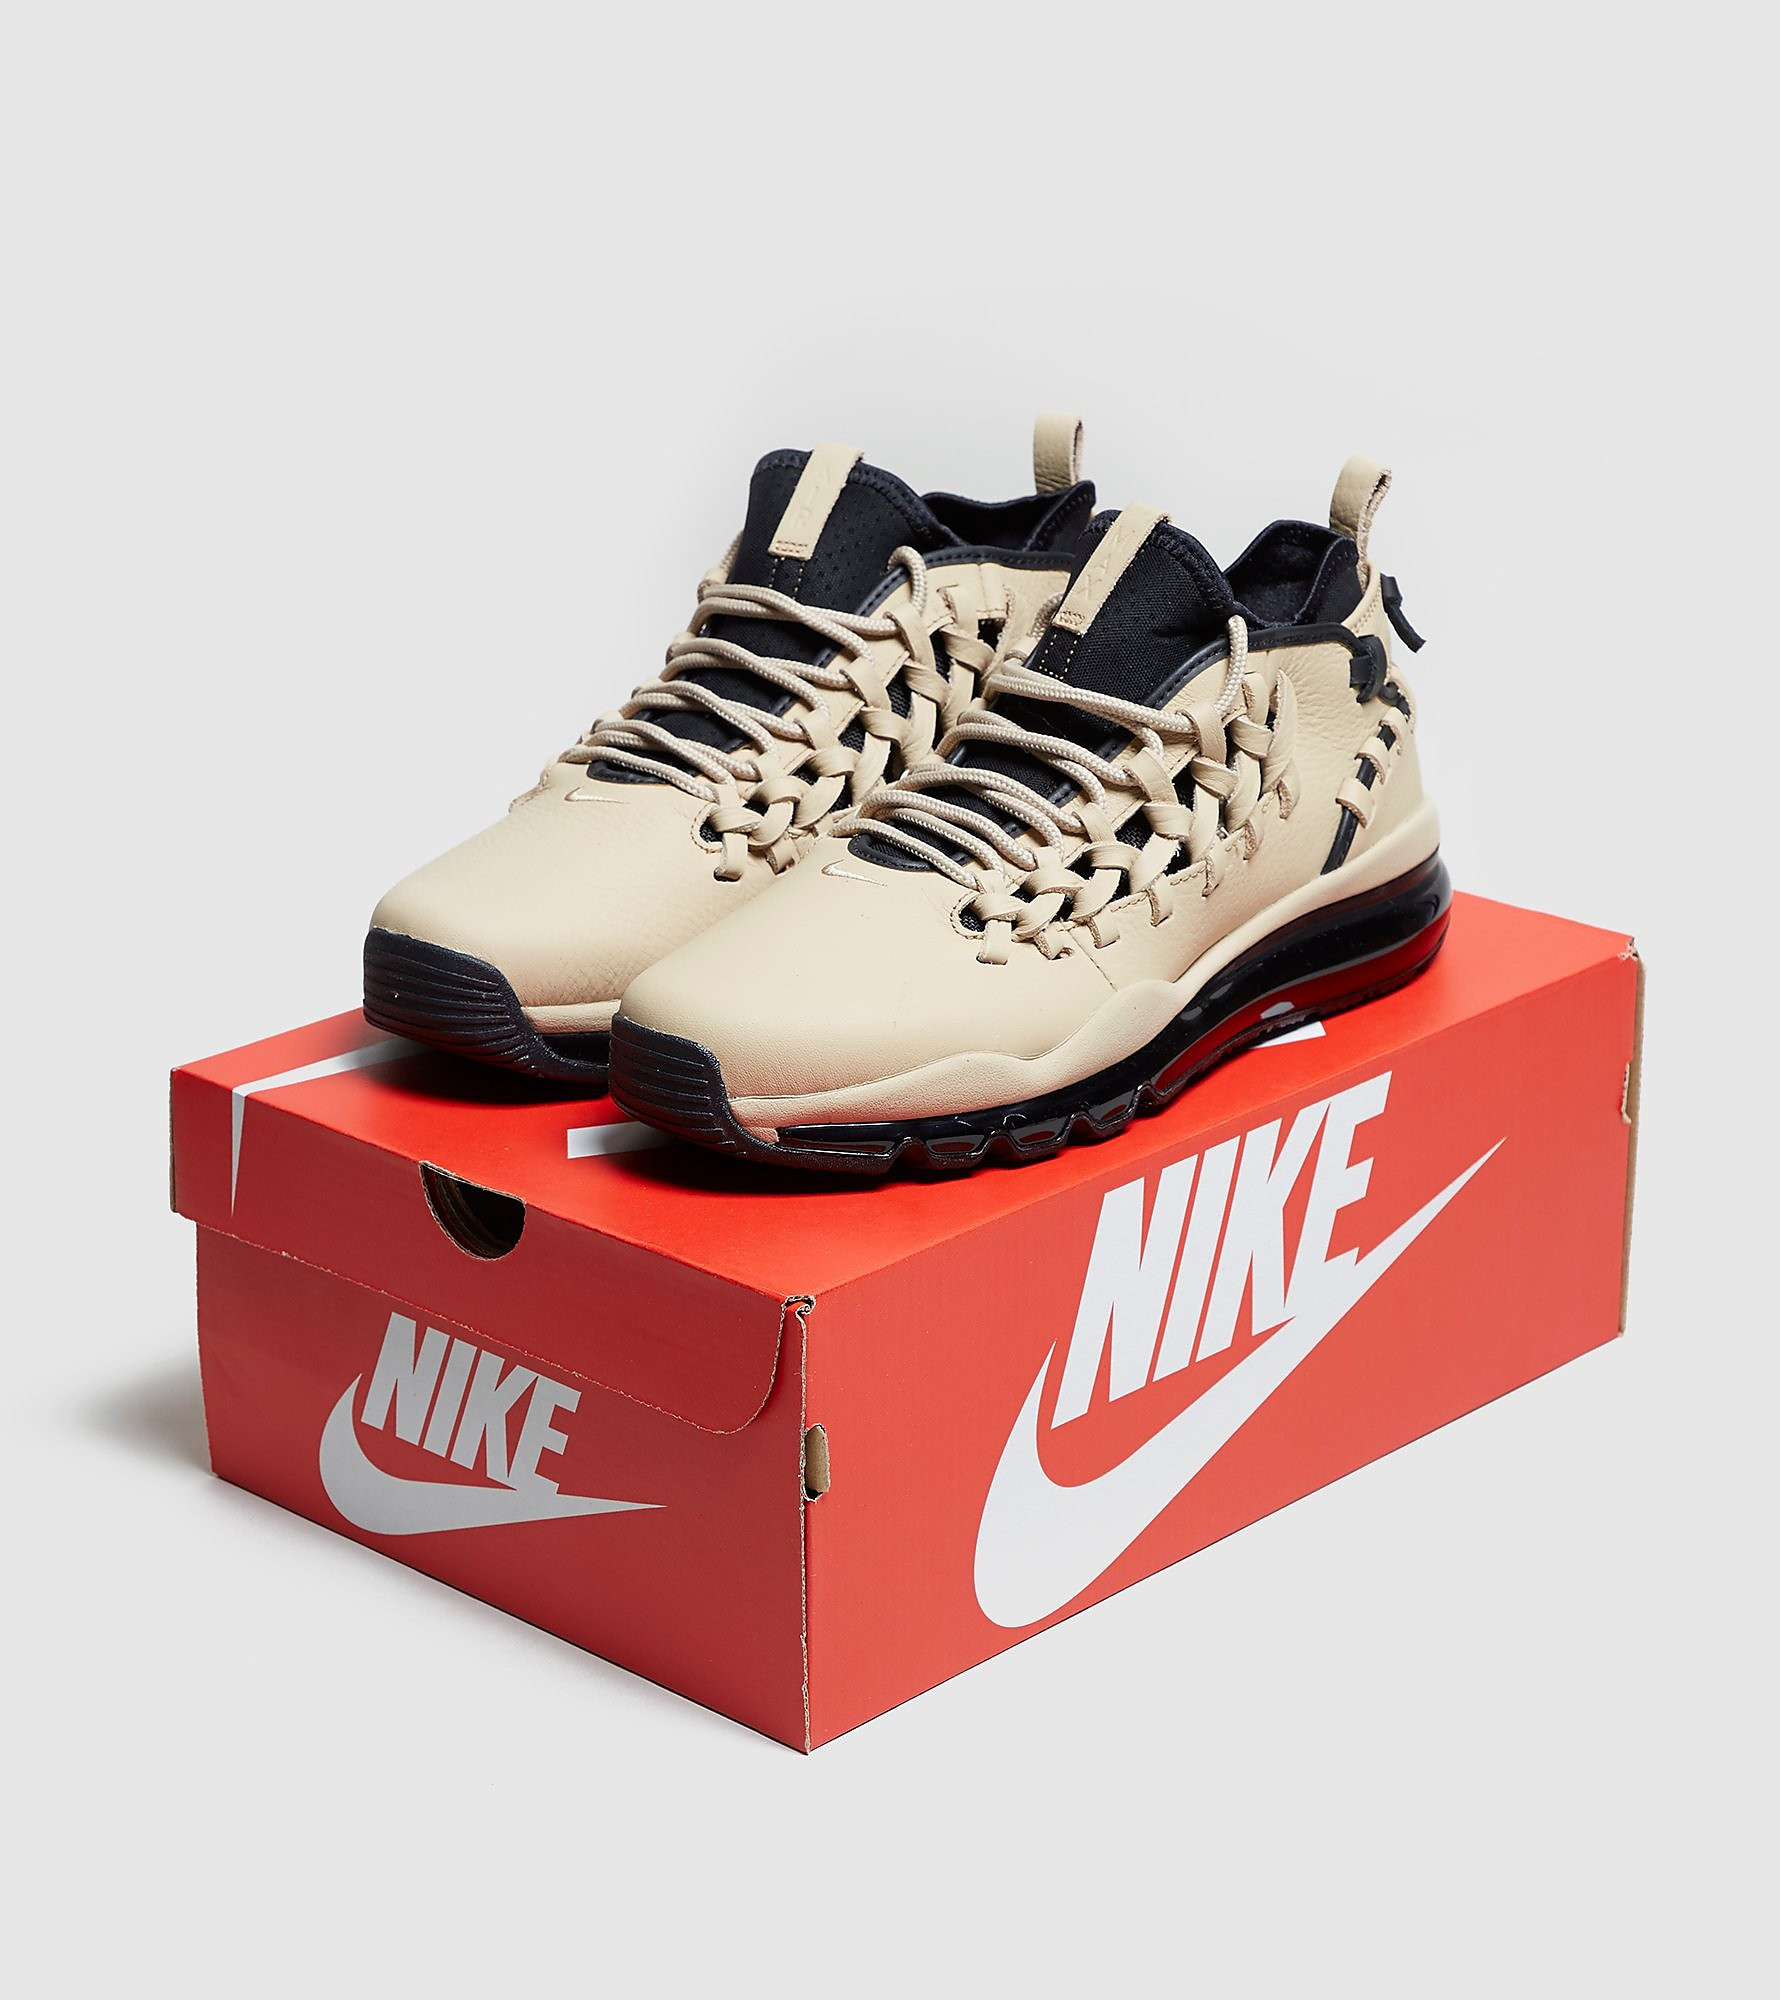 Nike Air Max TR 17